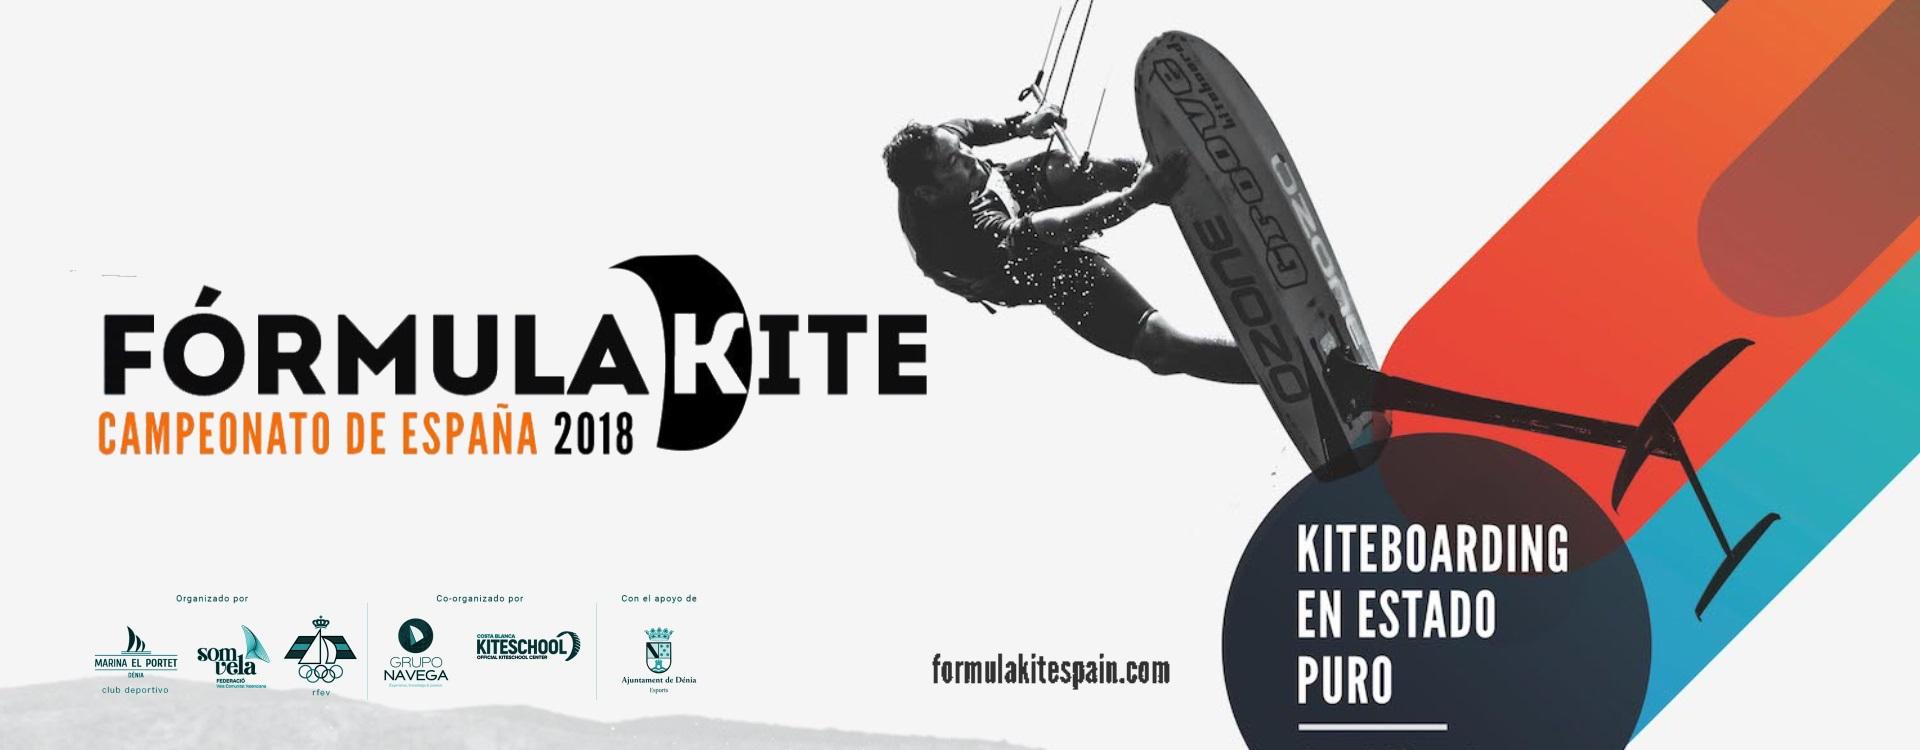 Formula Kite Spain Series 2018 Perfect Pixel Publicidad Marina el Portet Denia